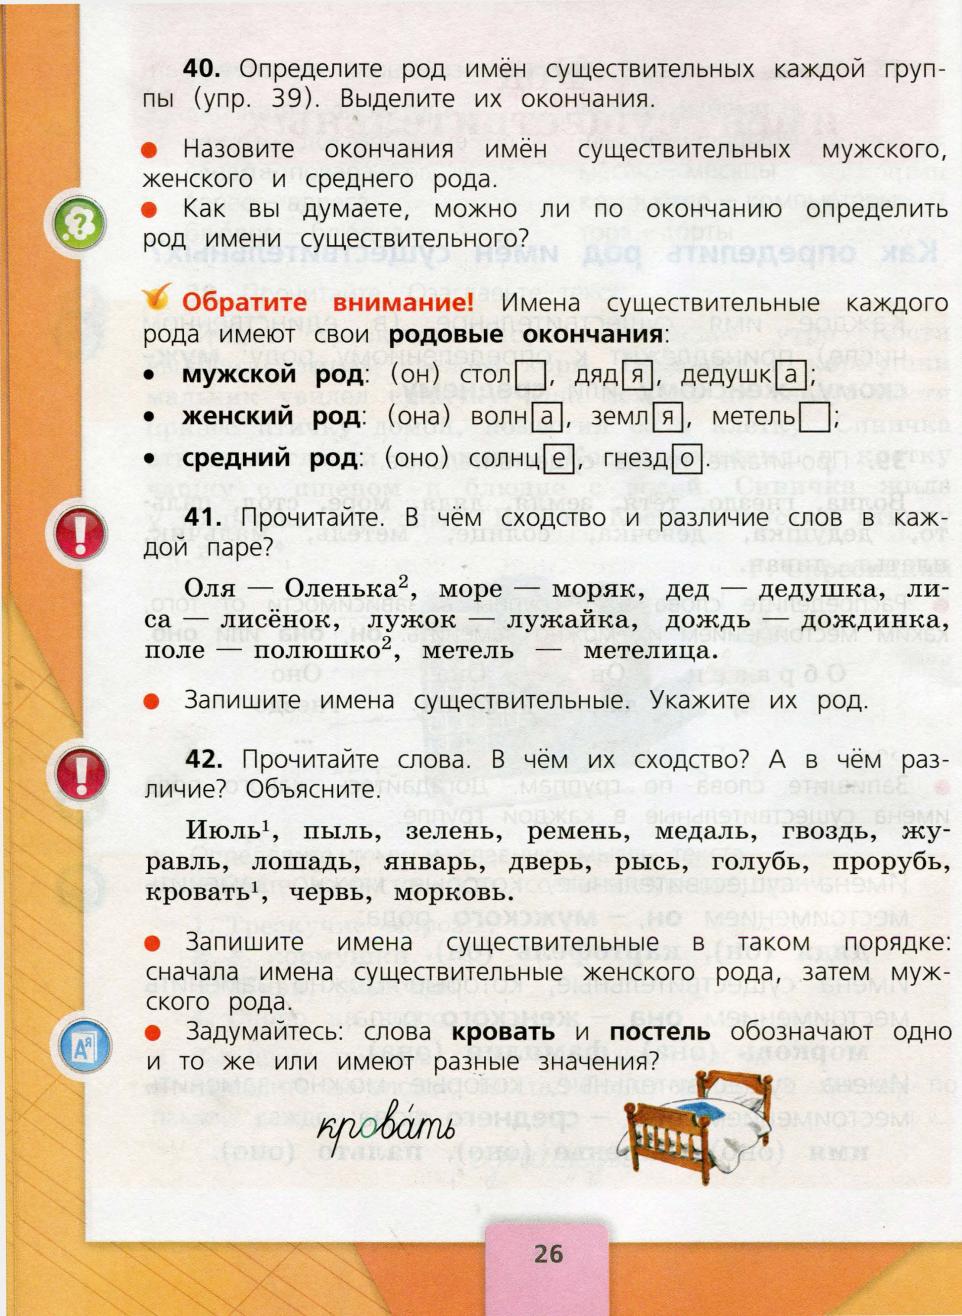 род имени 2 стр.png